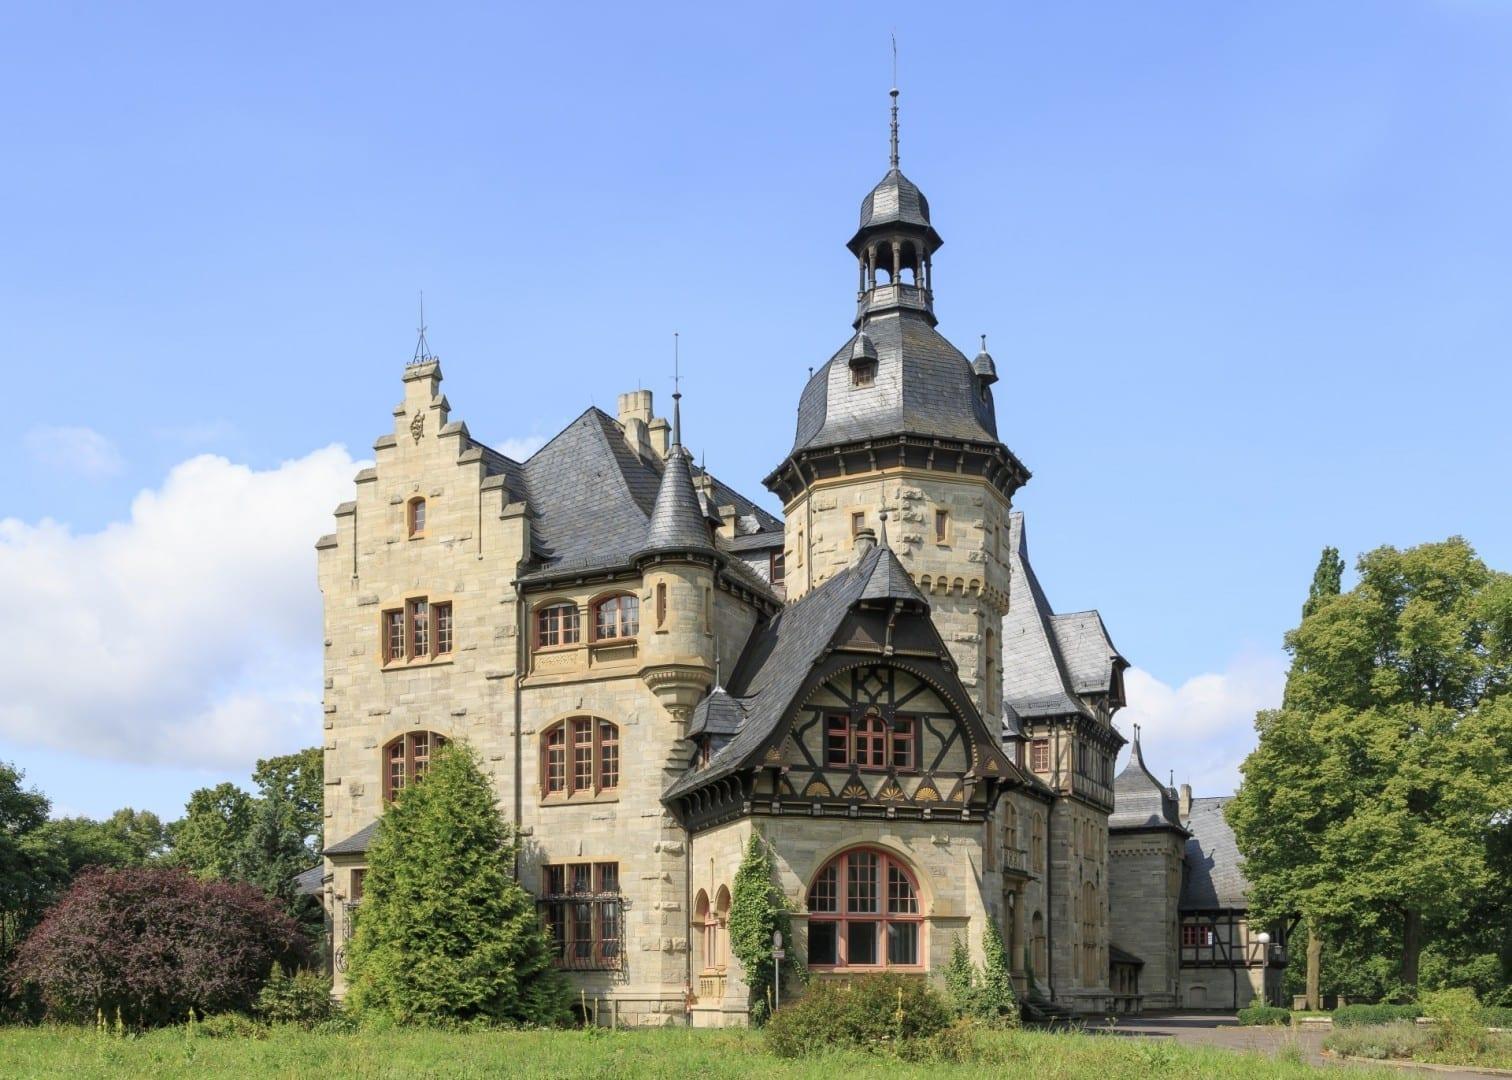 Landhaus Pflugensberg, una casa solariega al estilo de un castillo que fue construida a finales del siglo XIX Eisenach Alemania